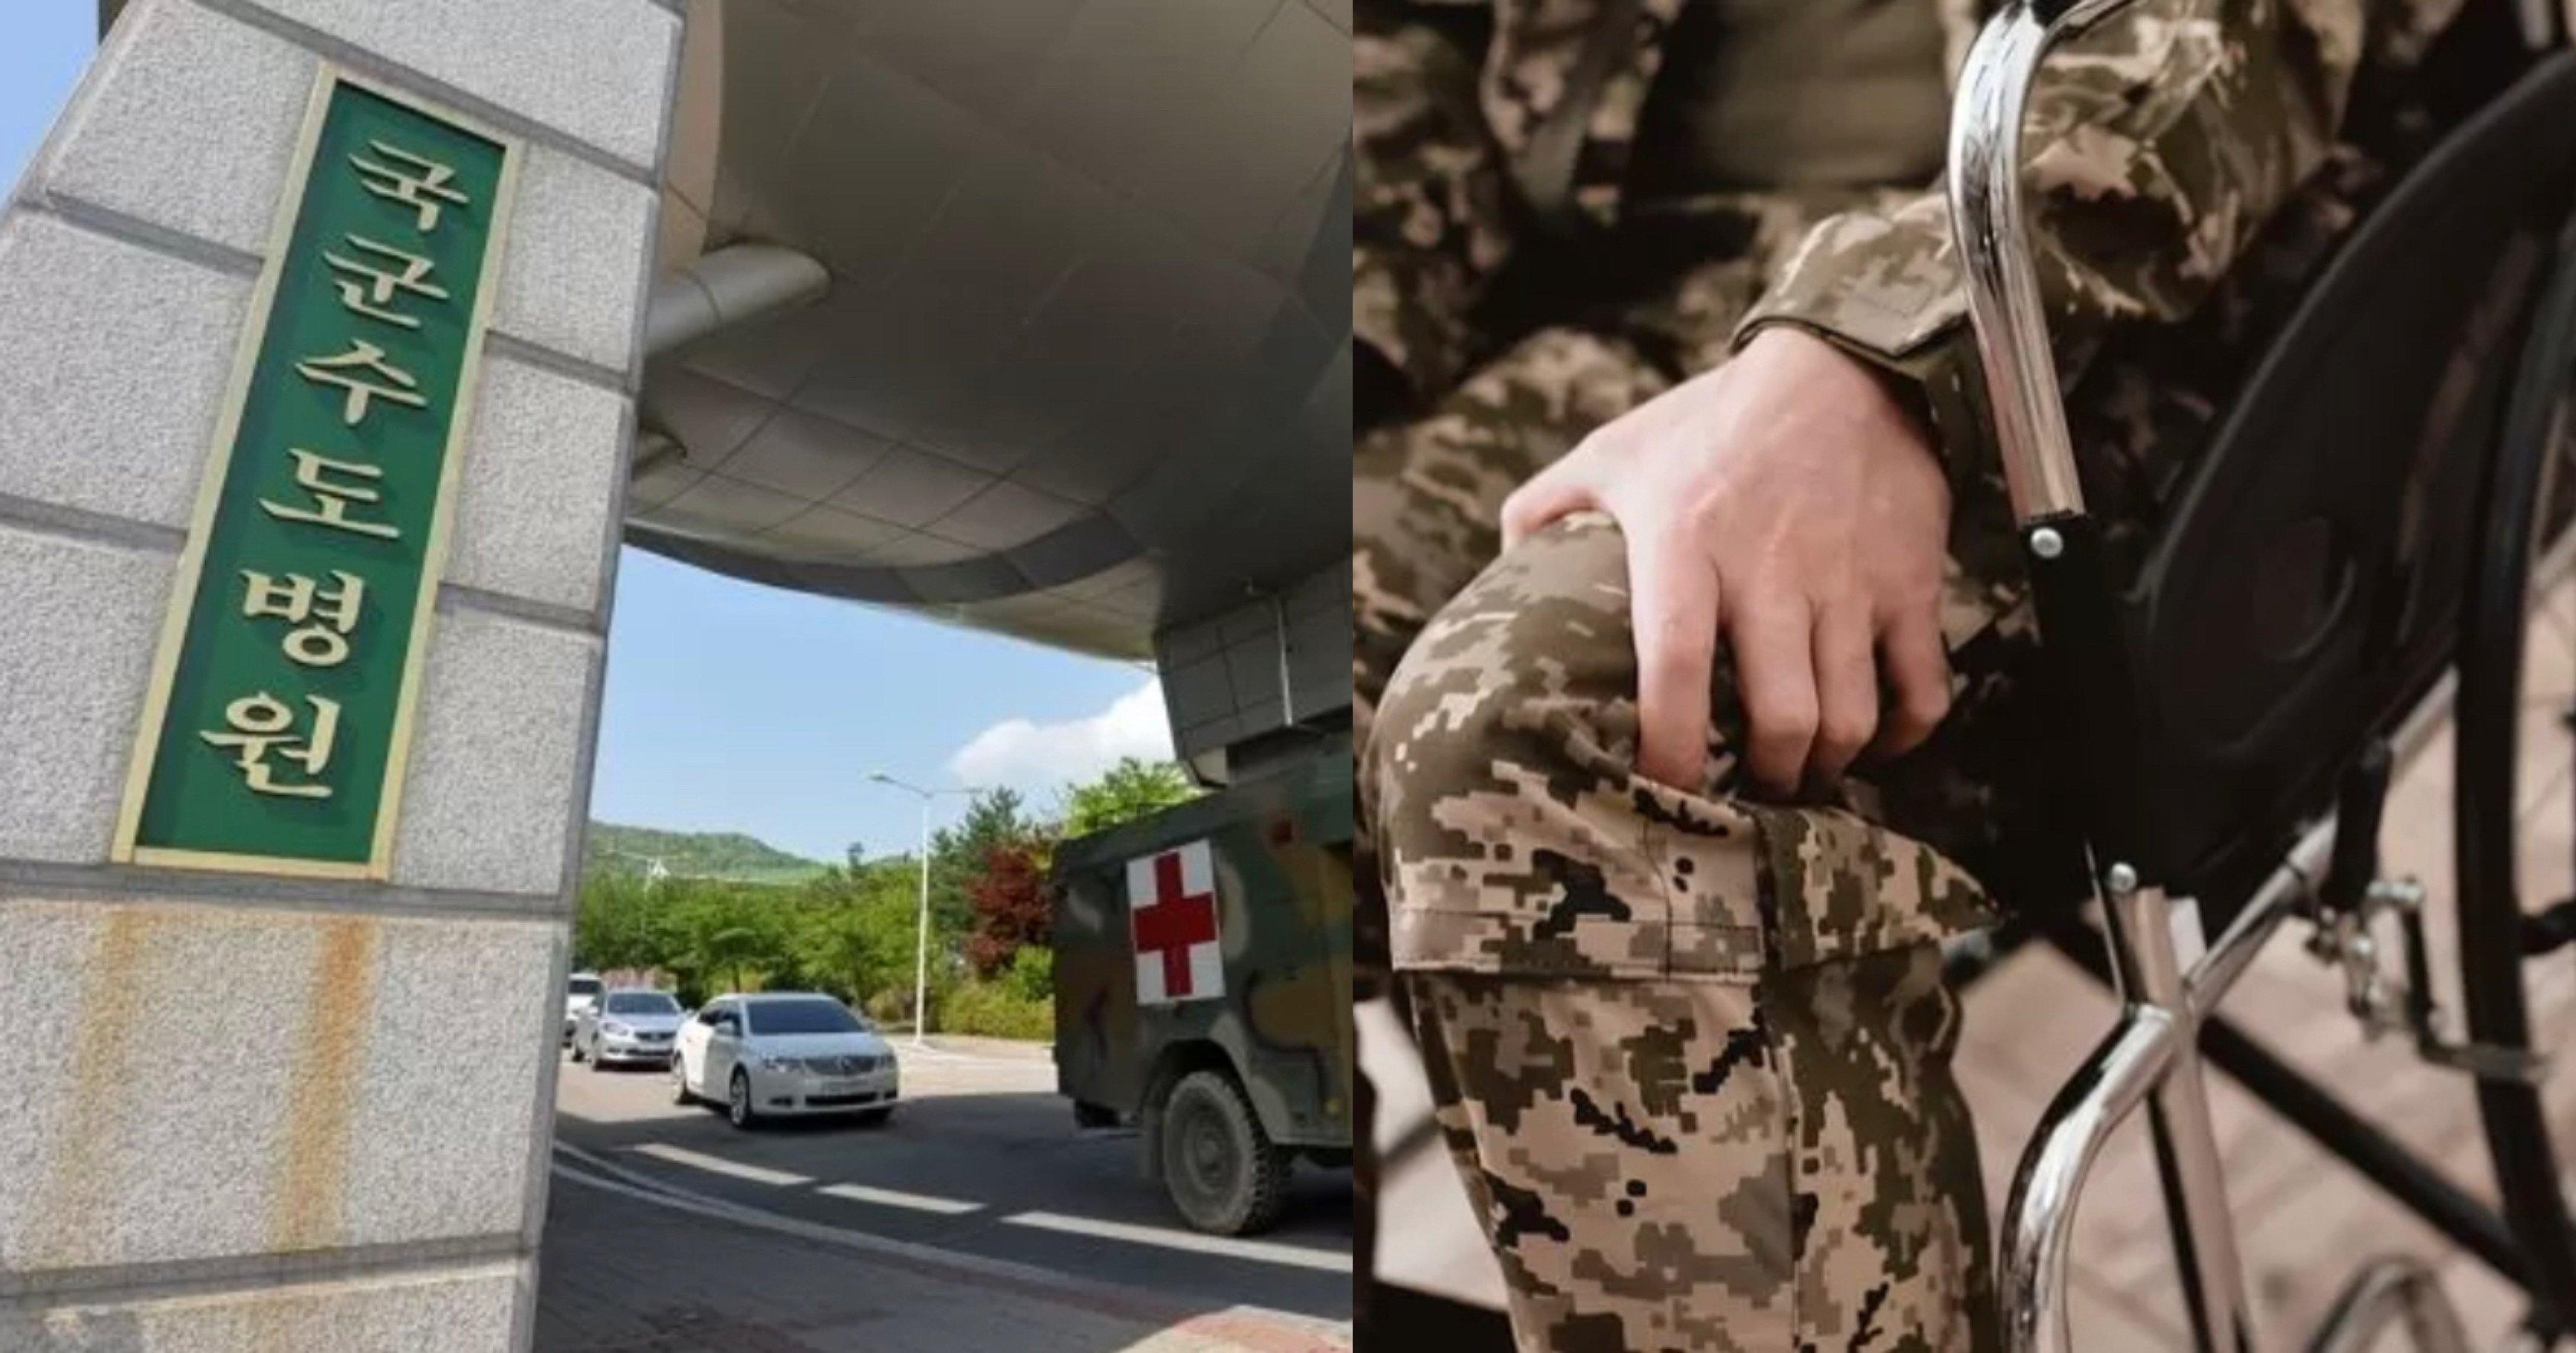 """4ef57f9a 7613 4c13 ba9e e90bc7b36c4d.jpeg?resize=1200,630 - """"이걸 쓴다고..?""""병사들 진료하는데 사용기간 10년 넘은 의료장비 사용하고 있다는 군 병원"""